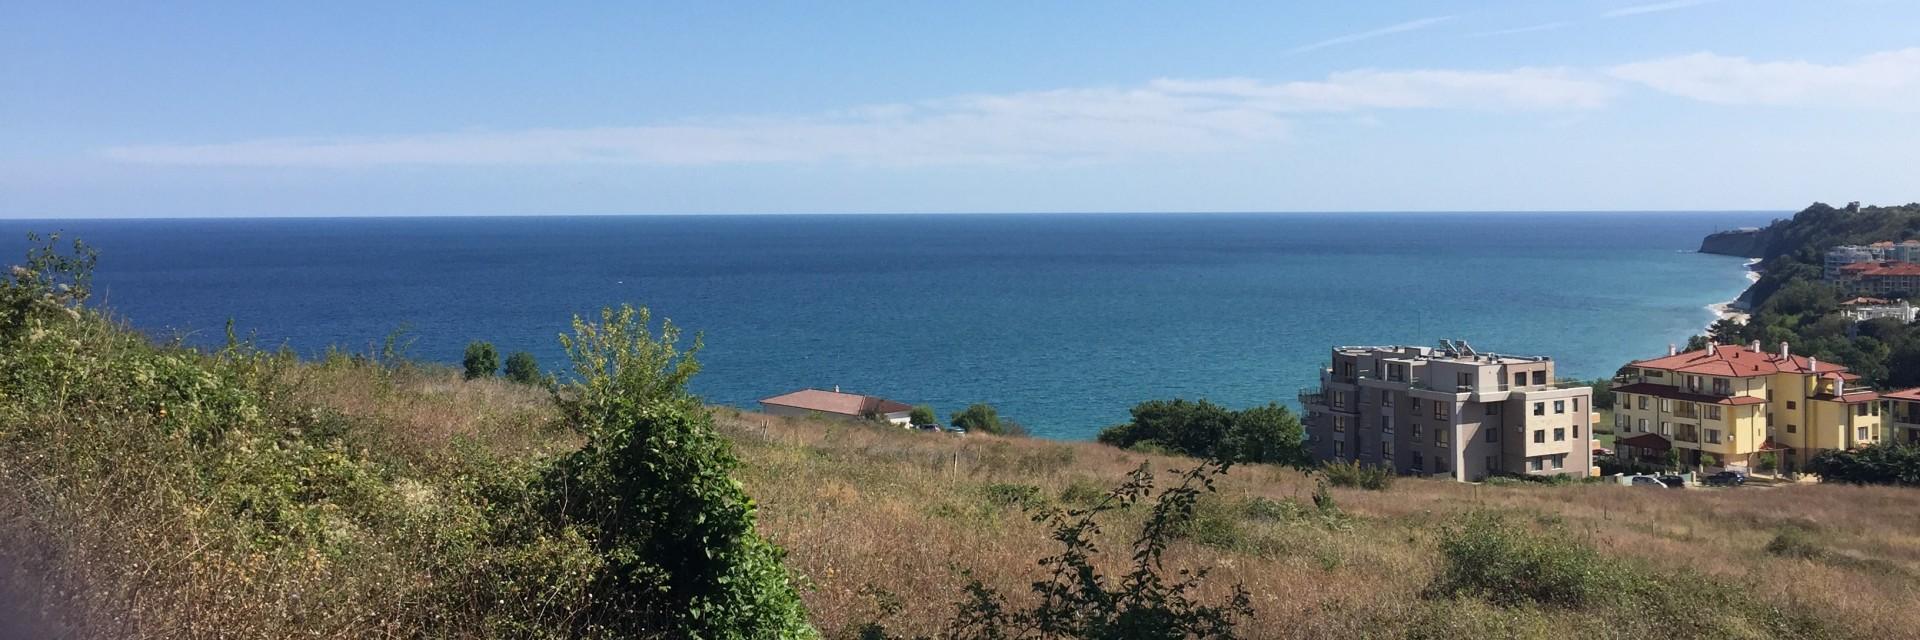 Собственный дворик с видом на море